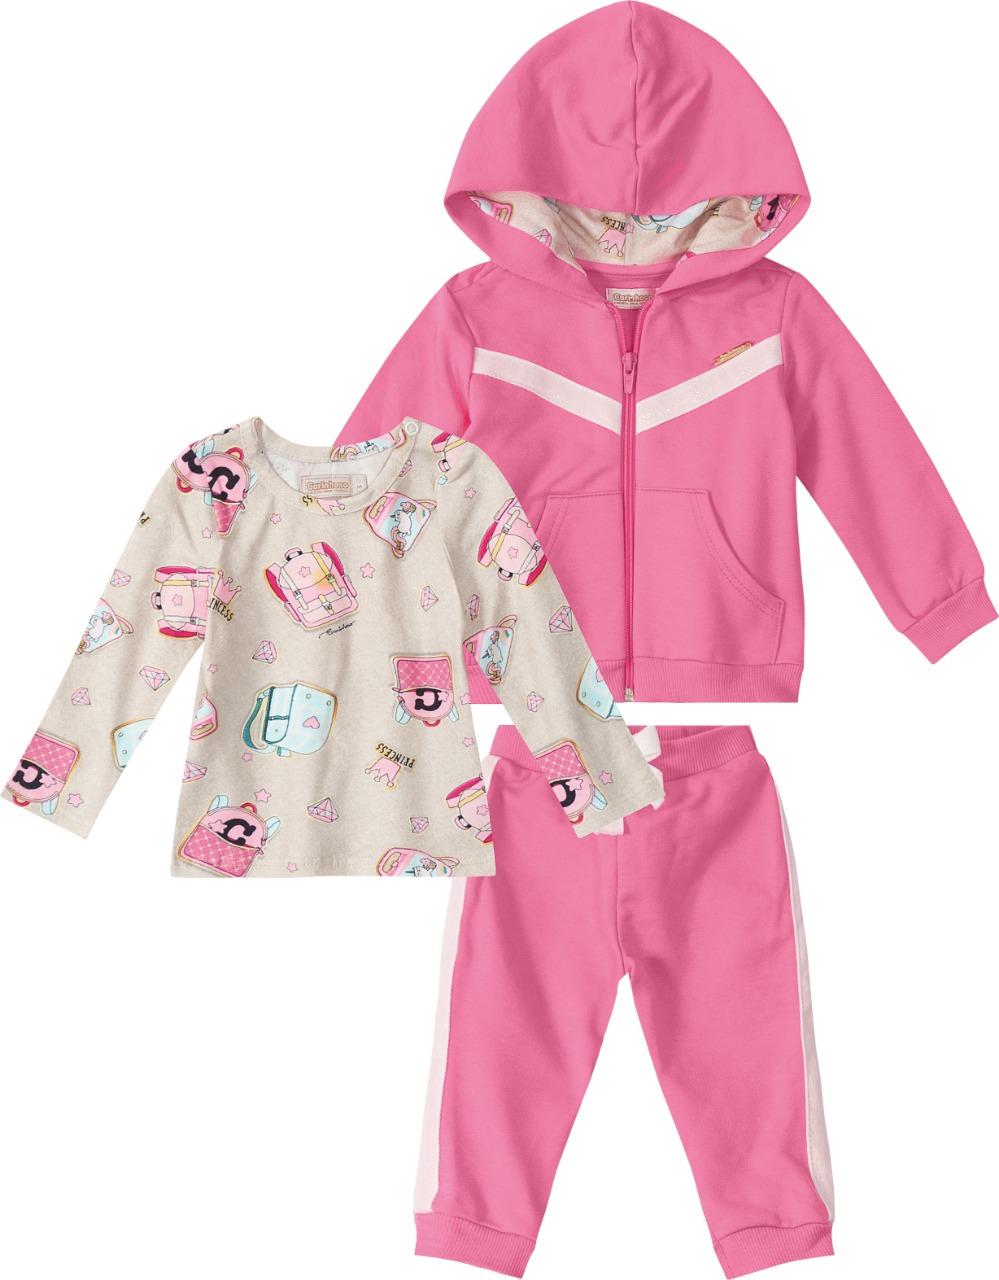 Conjunto Jaqueta, Blusa e Calça em algodão Rosa  Tam 1 a 3 anos